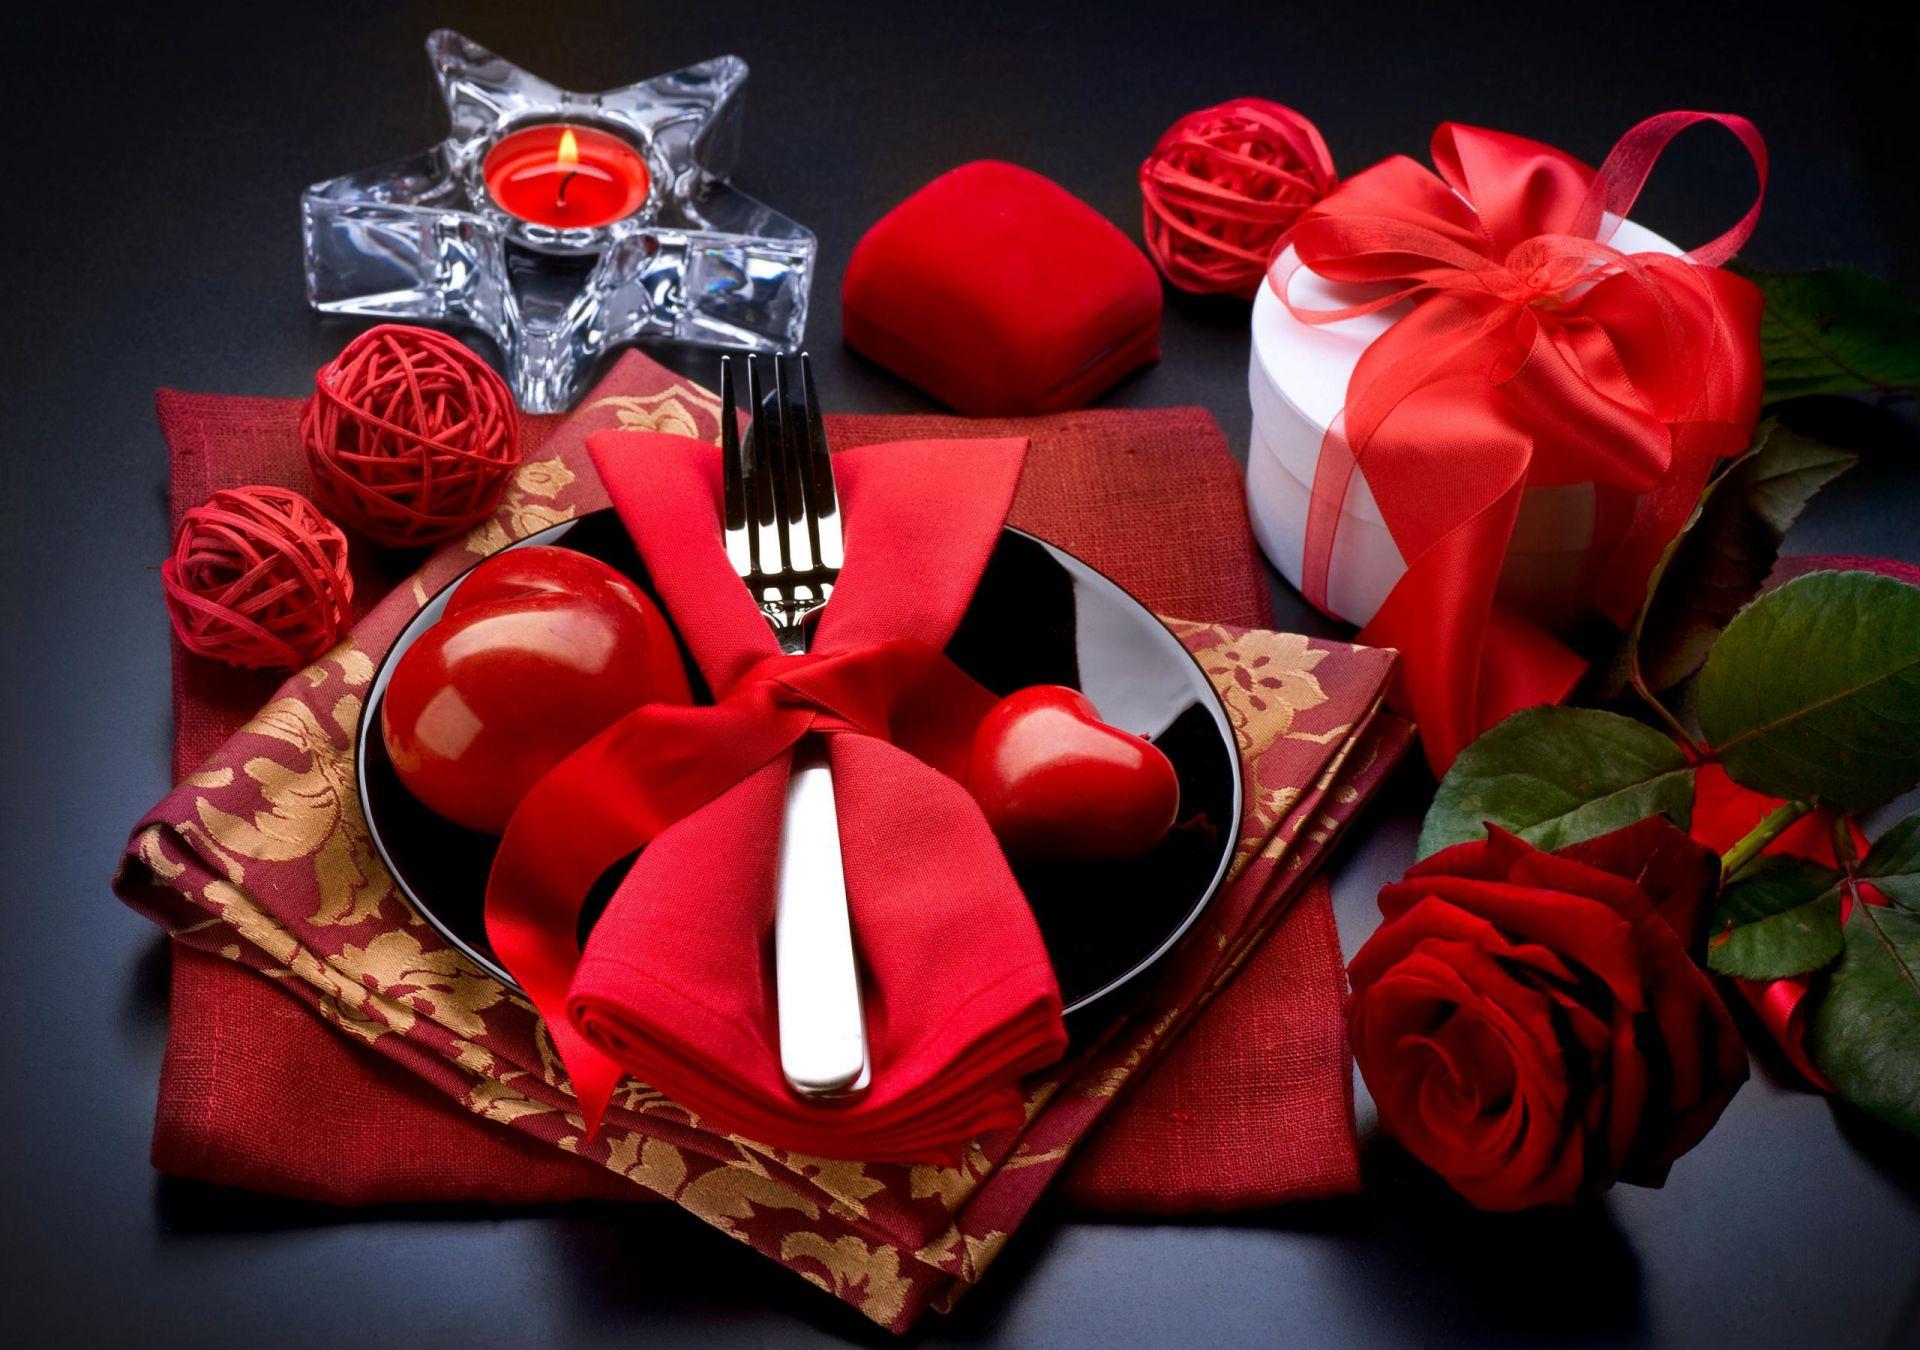 мужчина картинки на рабочий стол день рождения розы и подарки больше черносливе